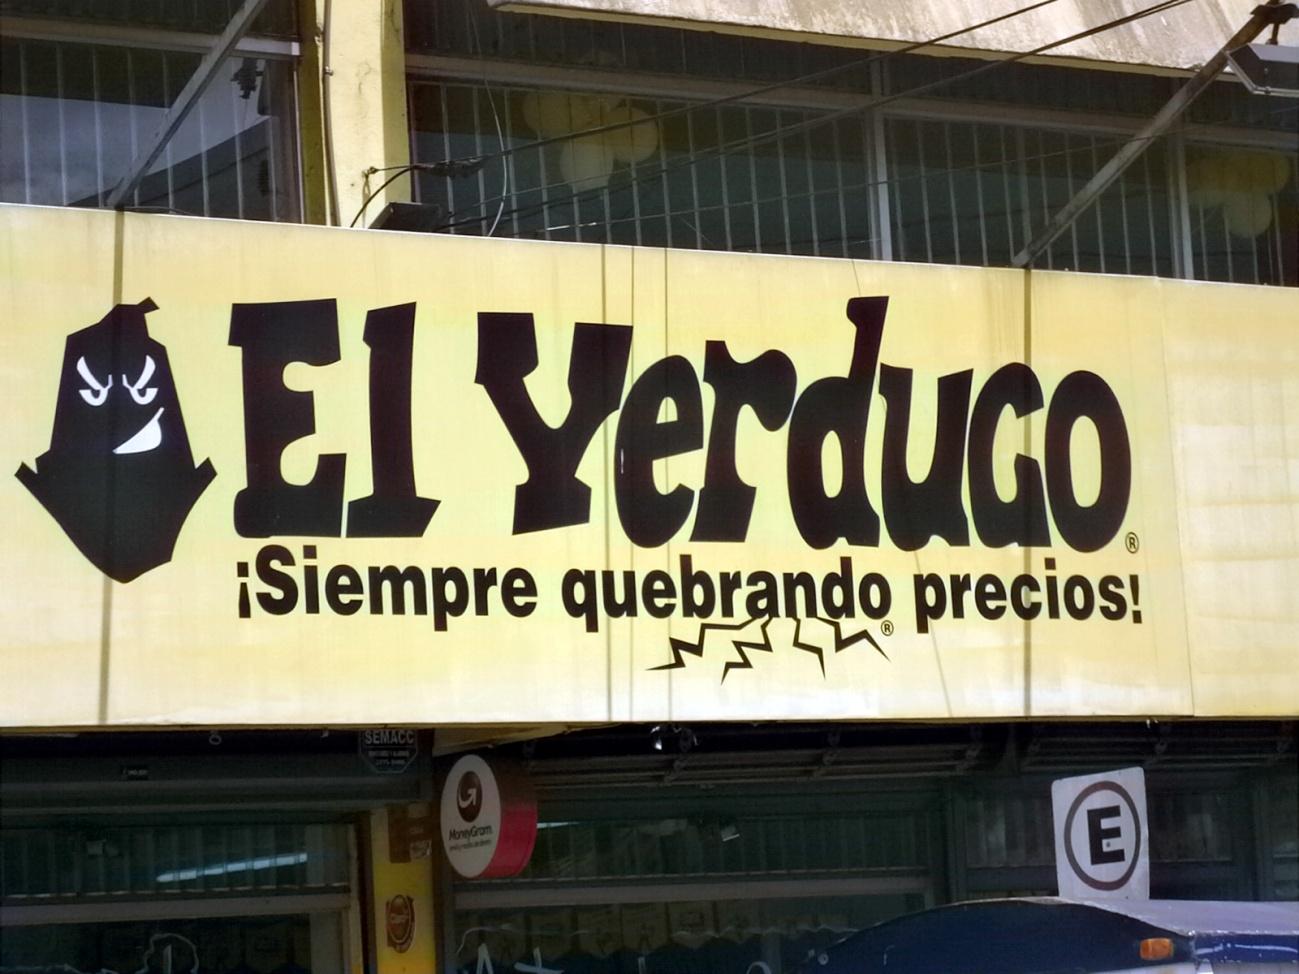 Naming. Tienda el Verdugo. Nombres originales de tiendas retail segun lluis soriano